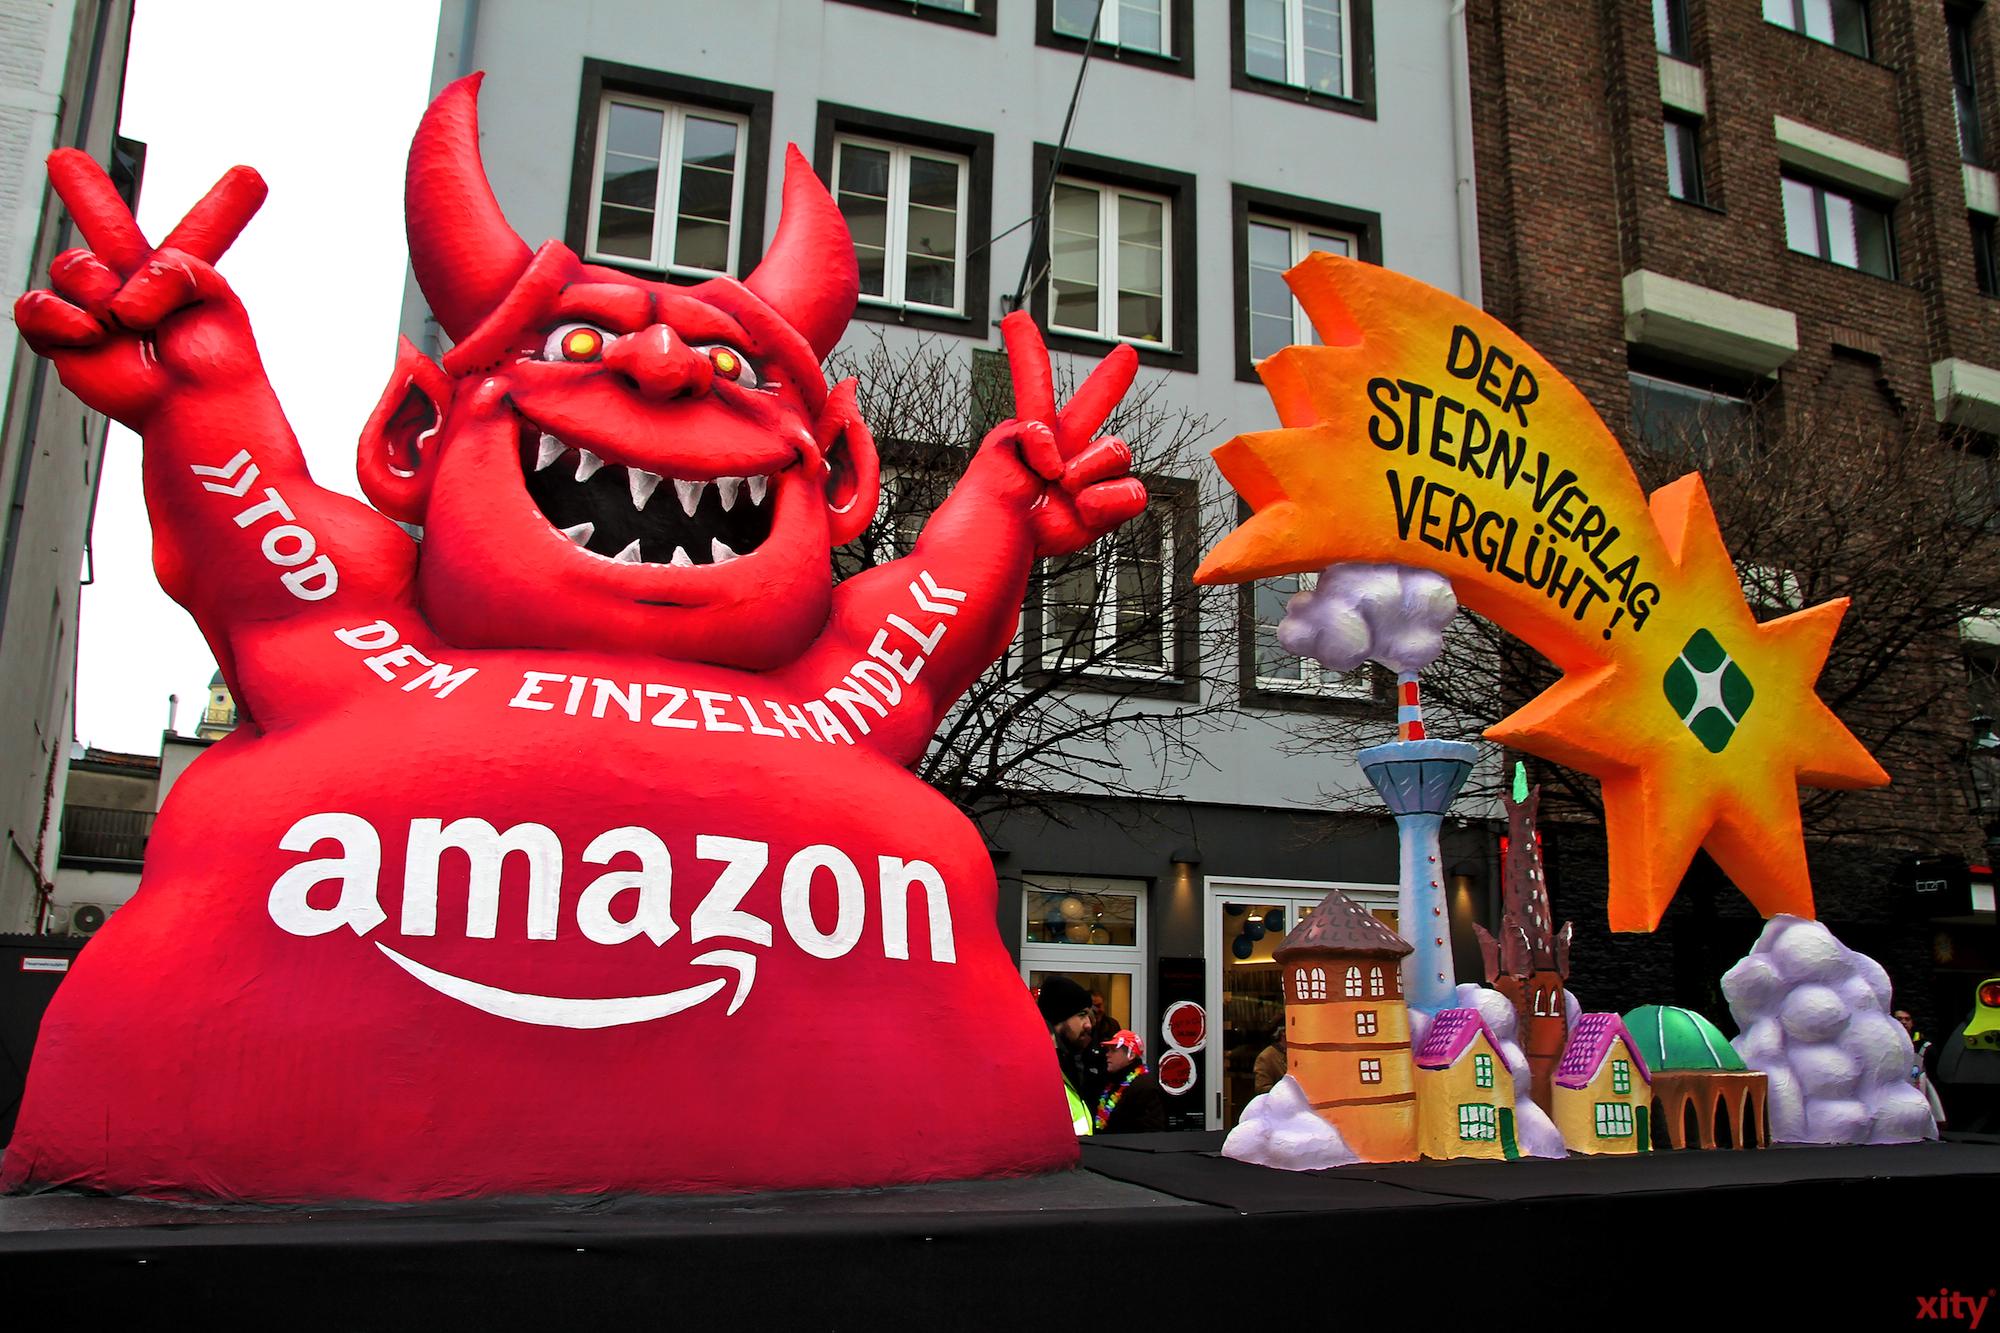 Sternverlag verglüht angesichts des teuflischen Versandgiganten Amazon(Foto: xity)